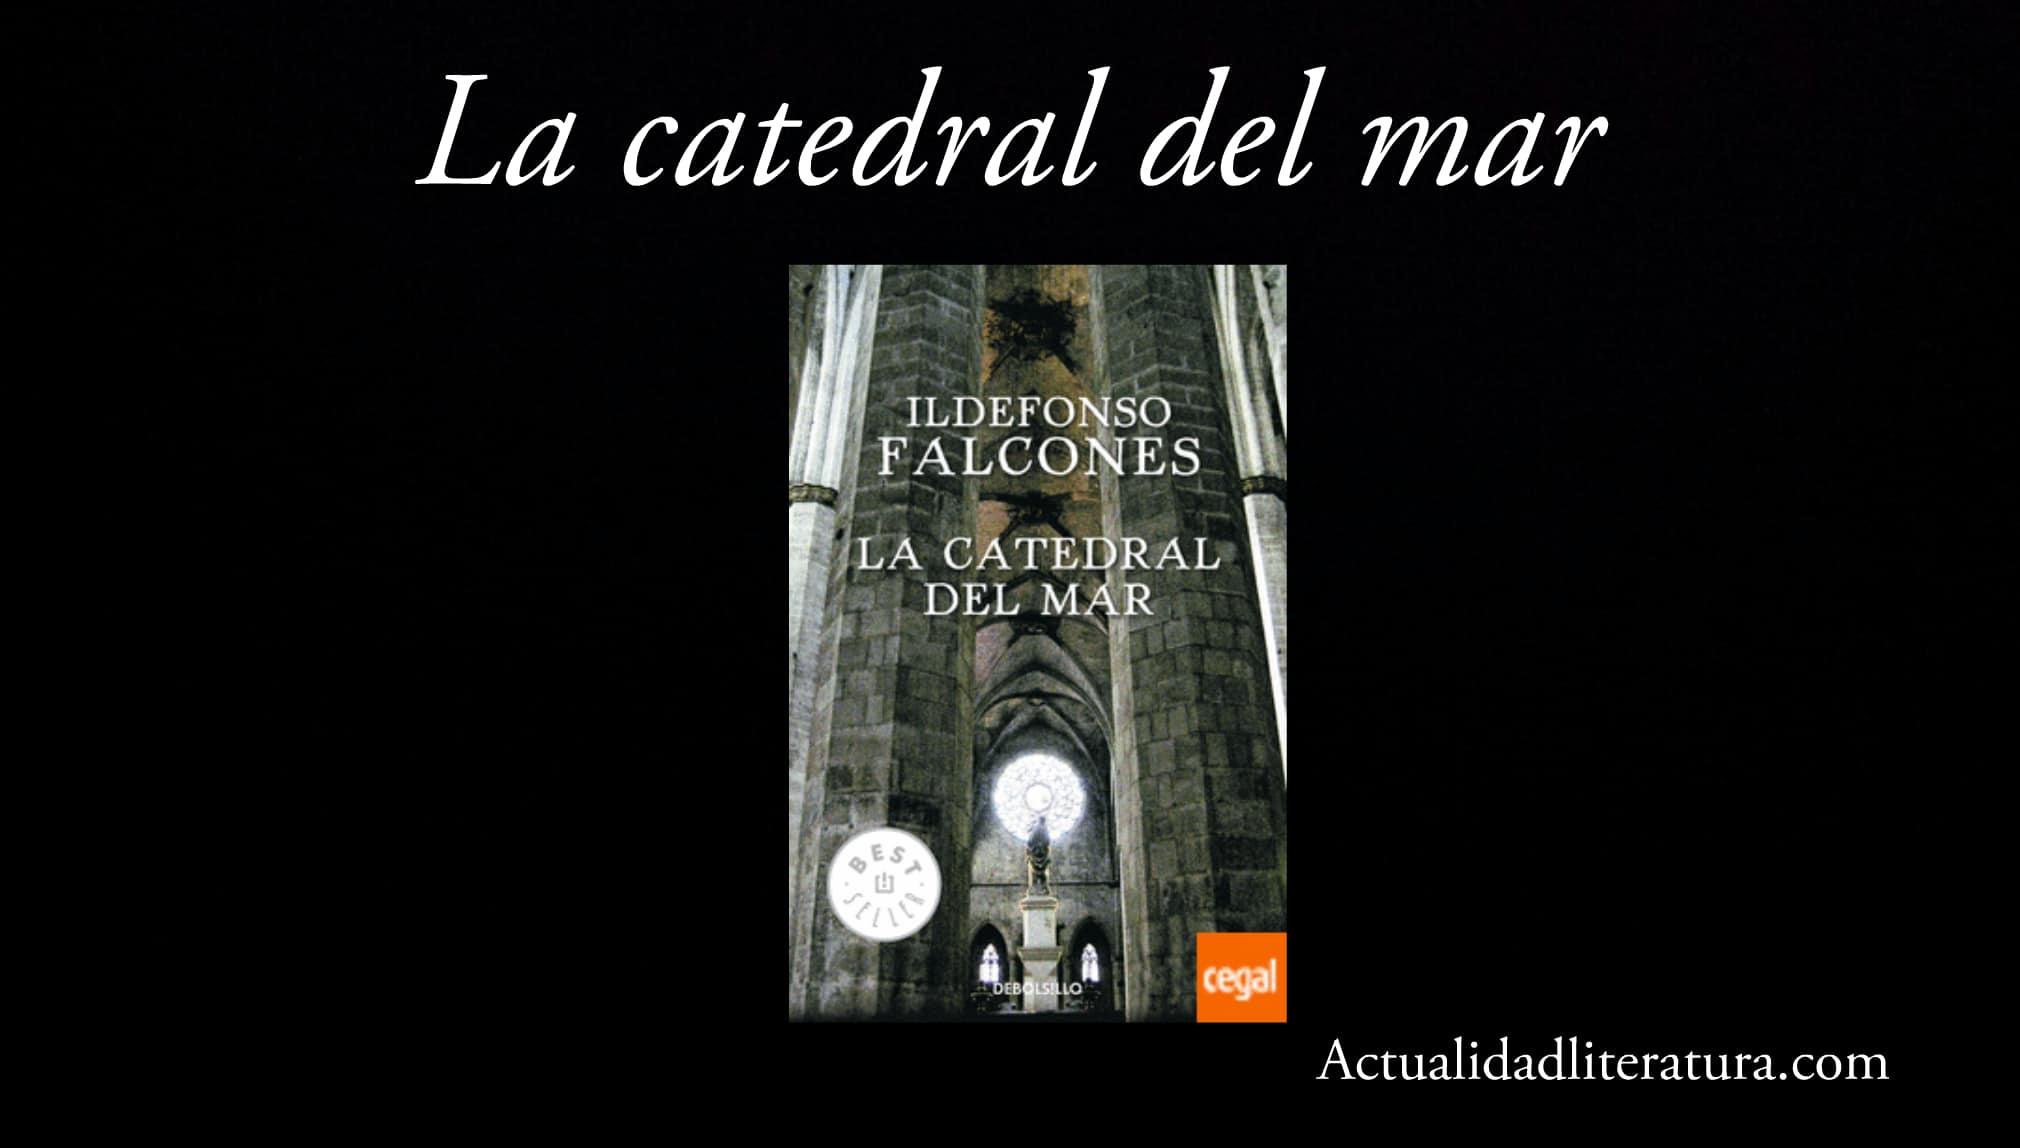 La catedral del mar.